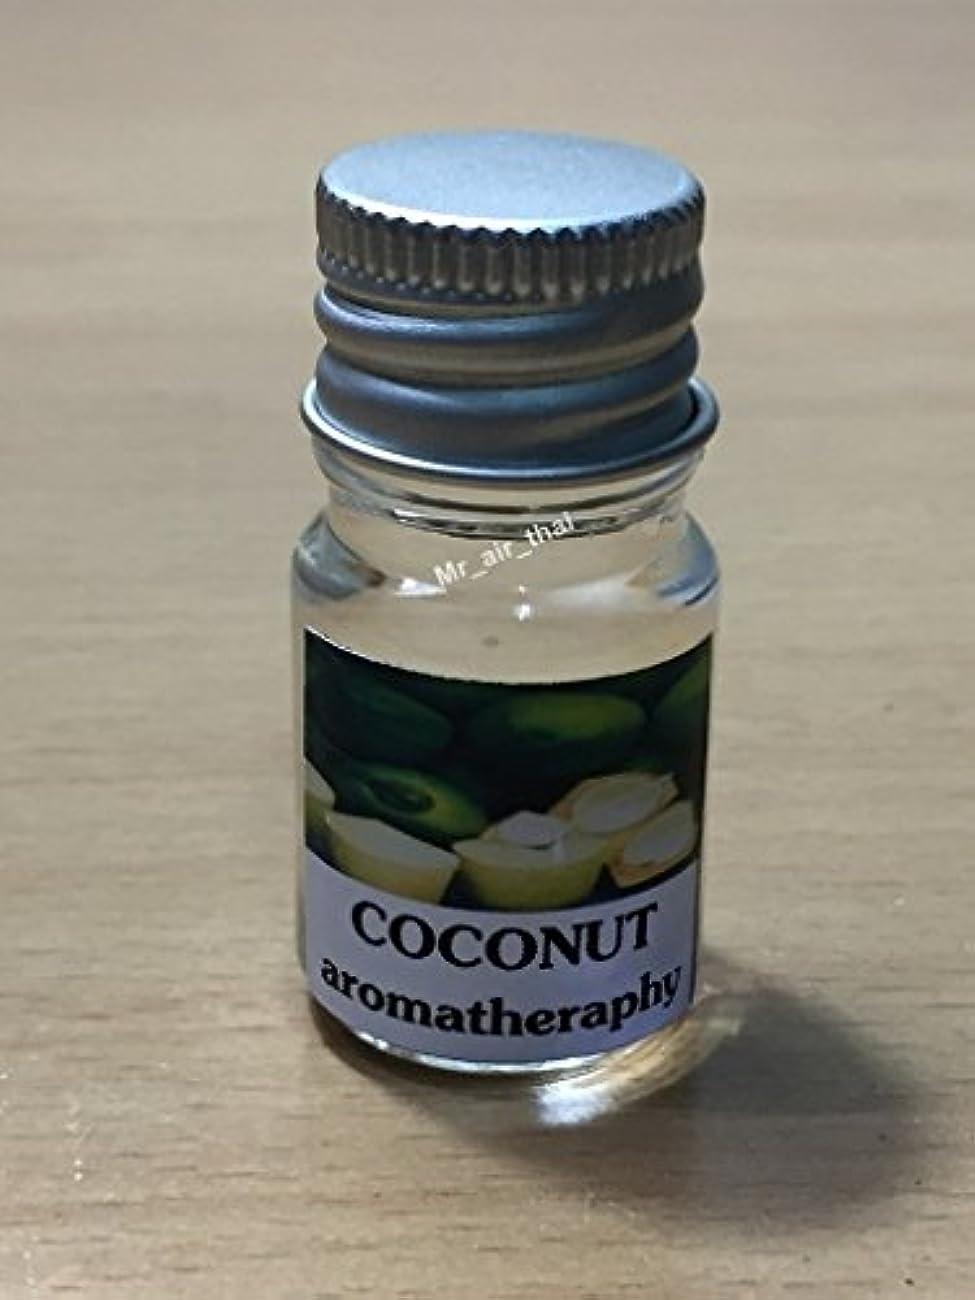 麻痺スクレーパーようこそ5ミリリットルアロマココナッツフランクインセンスエッセンシャルオイルボトルアロマテラピーオイル自然自然5ml Aroma Coconut Frankincense Essential Oil Bottles Aromatherapy...